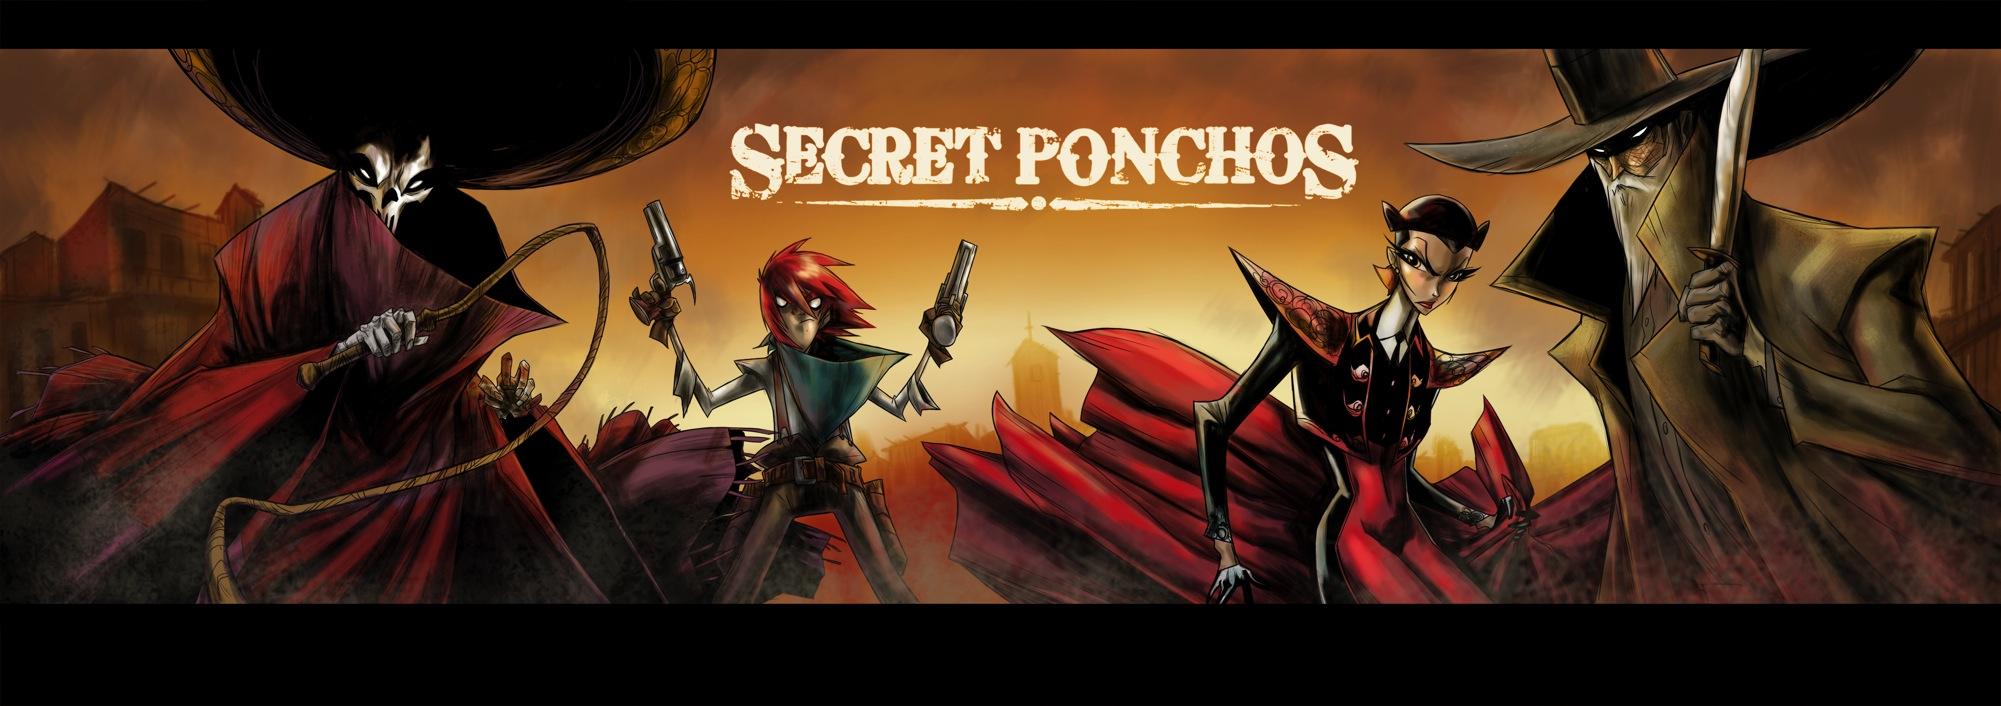 Secret Ponchos - bannière